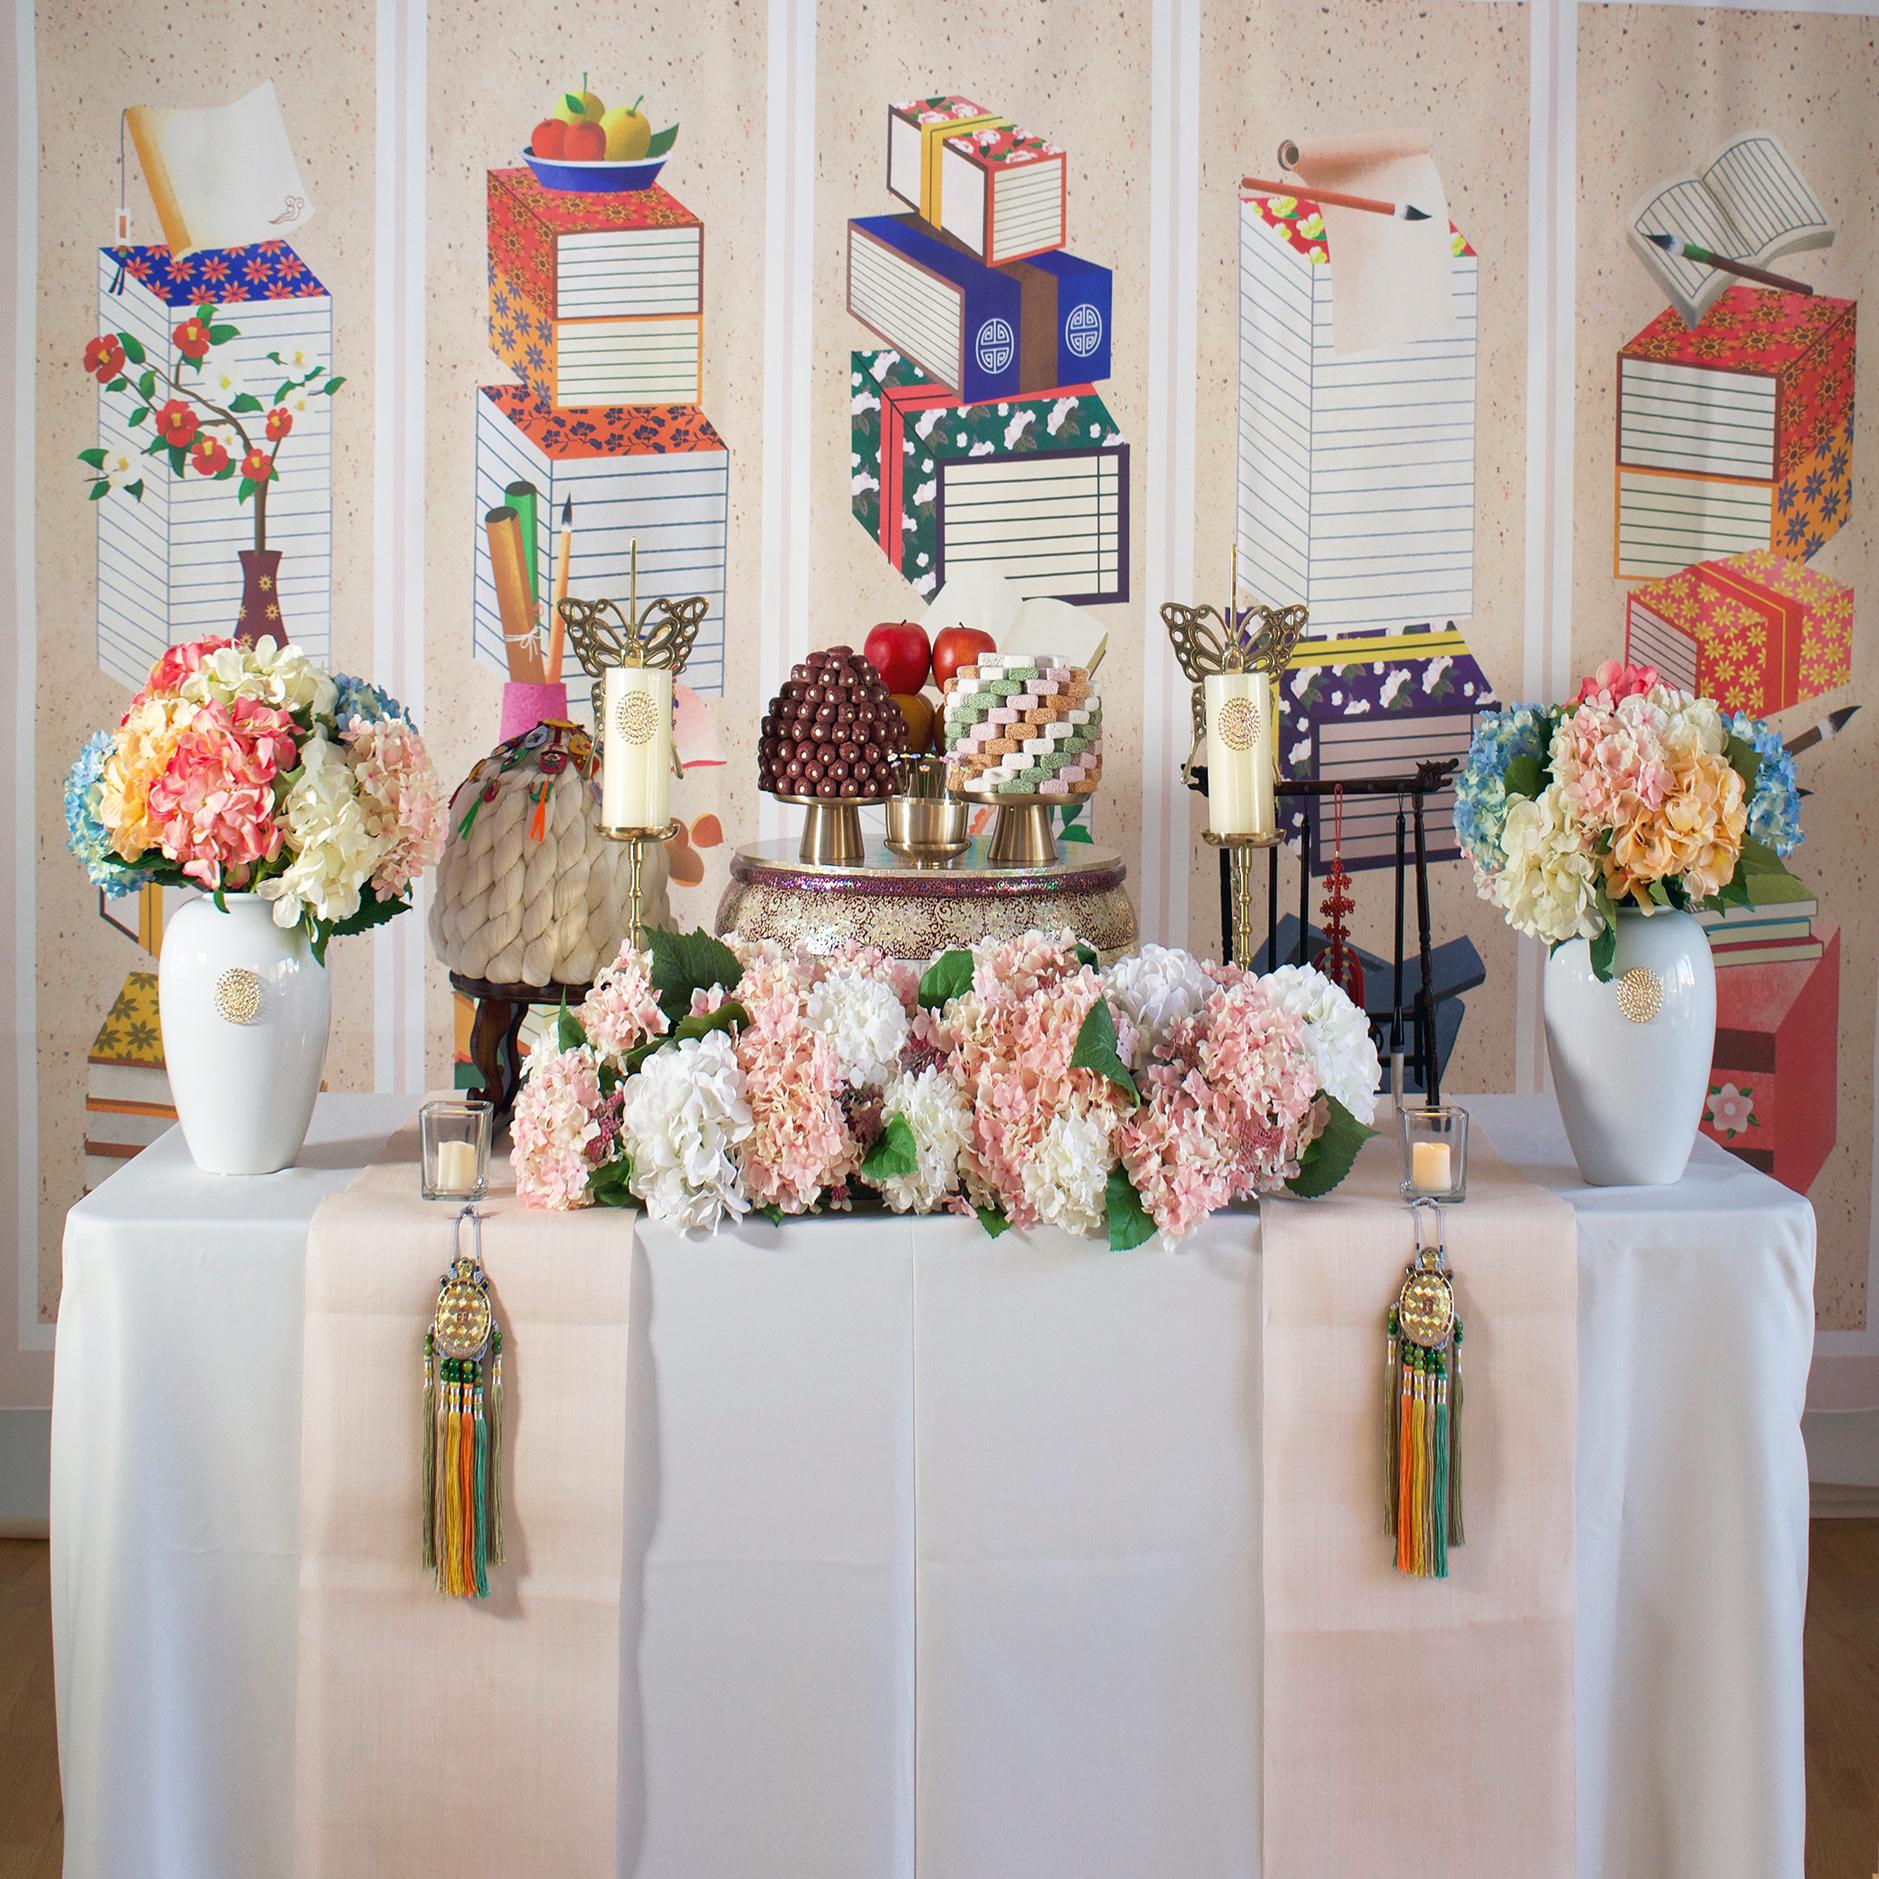 책가도 1단(Book Theme #1) - Included: Book Theme backdrop, 1 pearl small table, linen runner, 4 high quality brass plates, 2 butterfly brass candle holders, display rice cakes, dates, fruits, centerpiece, 2 flower vases, display mini flowers, premium brush rack, traditional ornaments, shil ta rae, wood small table, 2 mini candles책가도 1단 상품구성 : 현수막, 모시러너, 자개상 1개, 꽃과 촛병 2개, 중앙꽃, 실타래, 나무소반, 모형 삼색한과, 대추, 과일들, 유기 나비촛대 2개, 방짜유기 4개, 상화, 노리개,프리미엄 붓걸이, 데코초 2개